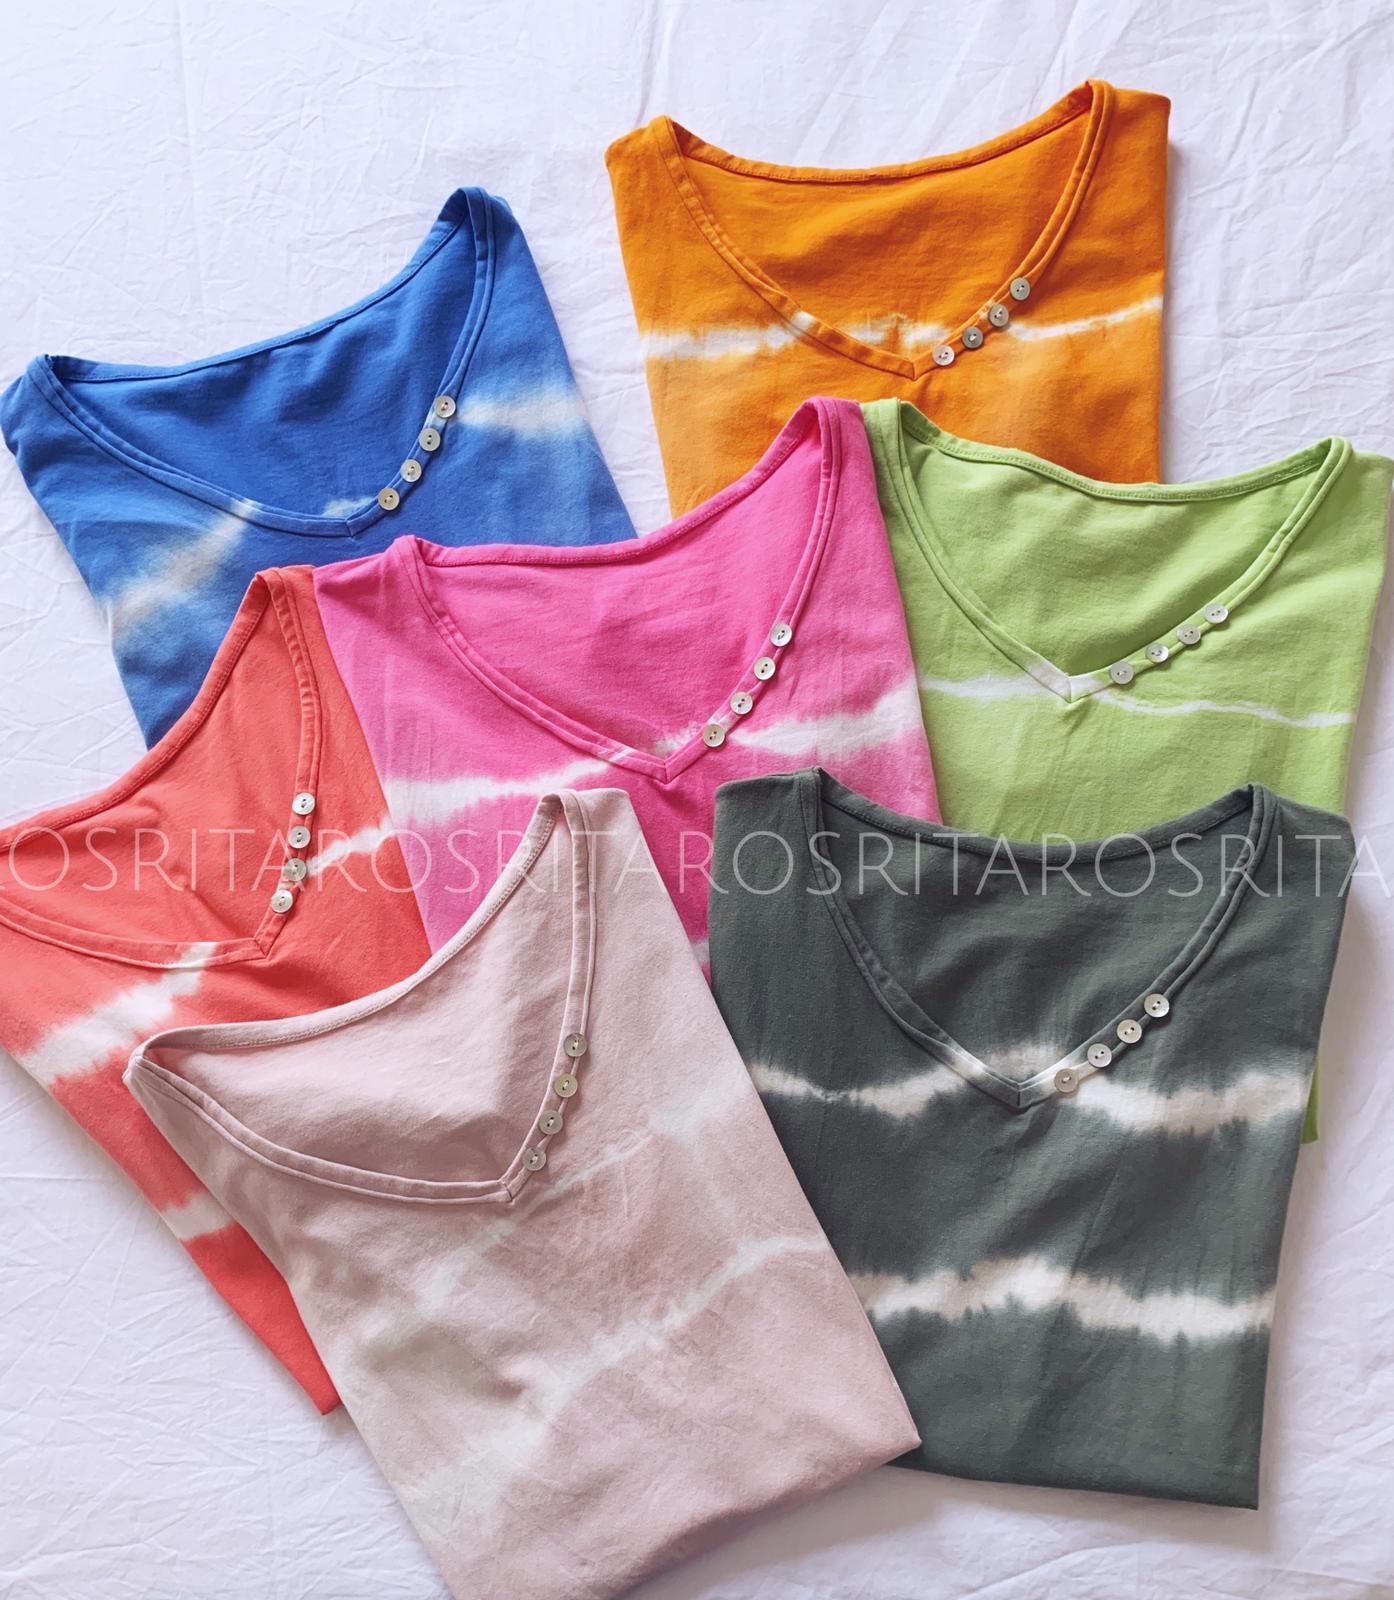 Camiseta Tie Dye Pico Botones (Ref. 2171)